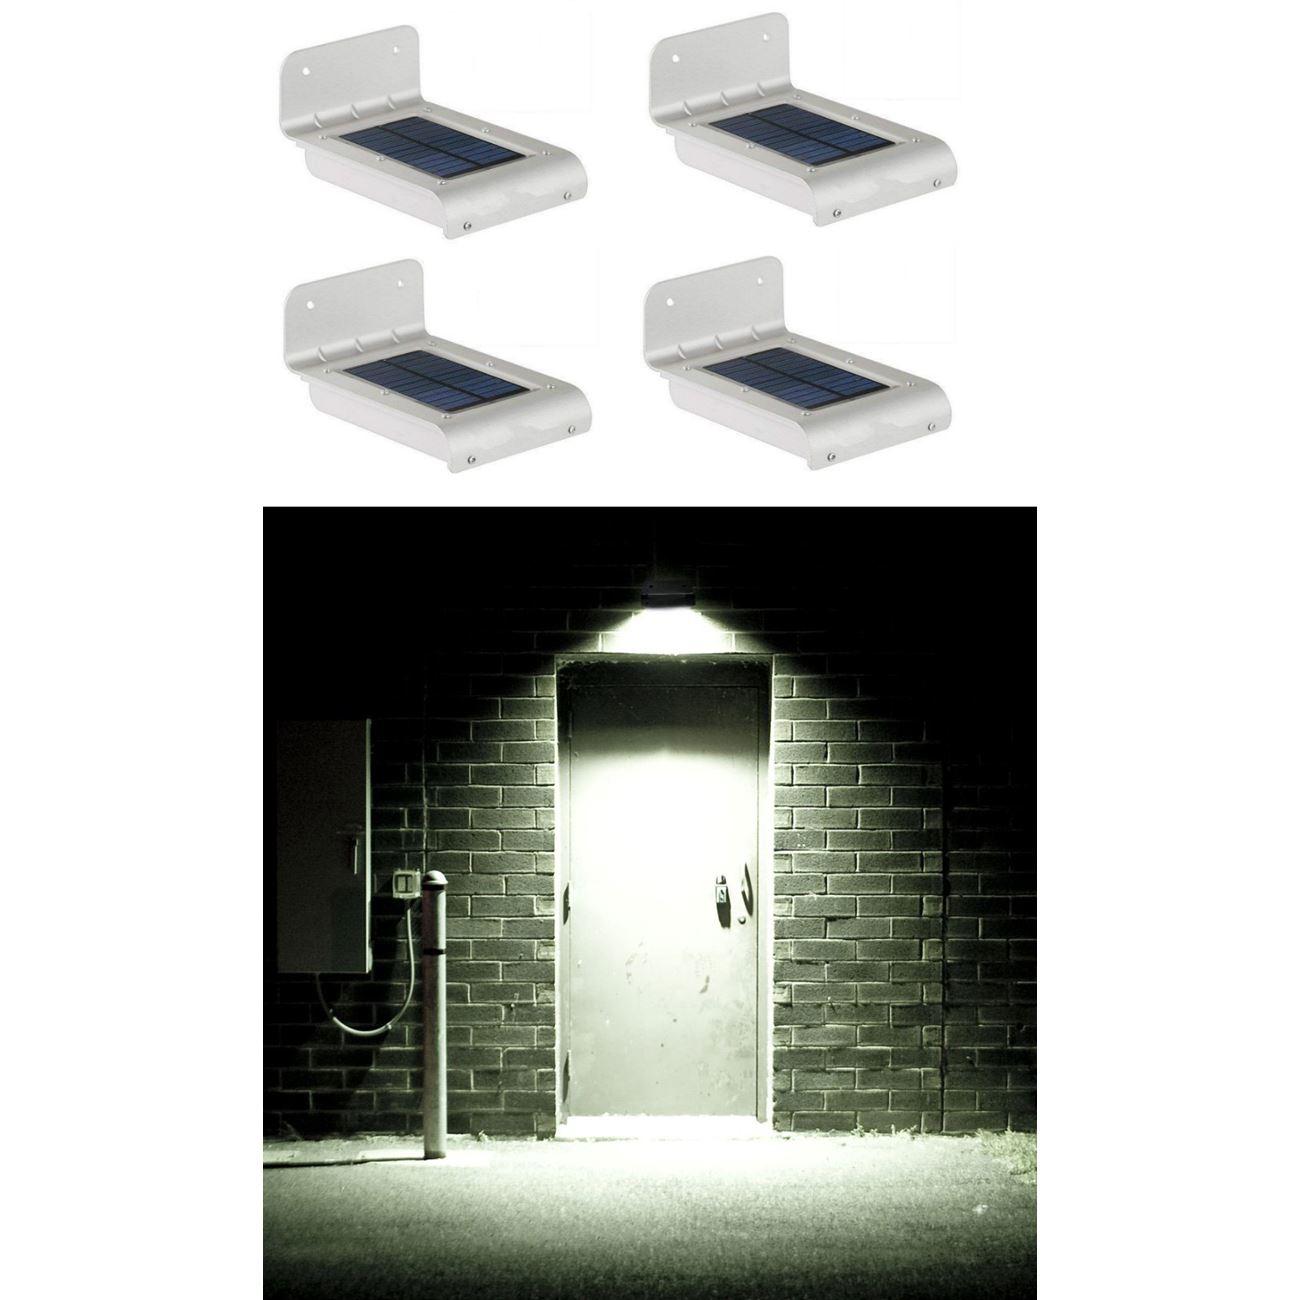 Ηλιακά φωτιστικά αλουμινίου εξωτερικού χώρου με 16 Smd LED ανάβουν όταν  ανιχνεύσουν κίνηση με απίστευτη φωτεινότητα (Σετ 4 τεμαχίων)   Ηλιακά  φωτιστικά 957e0b8251c